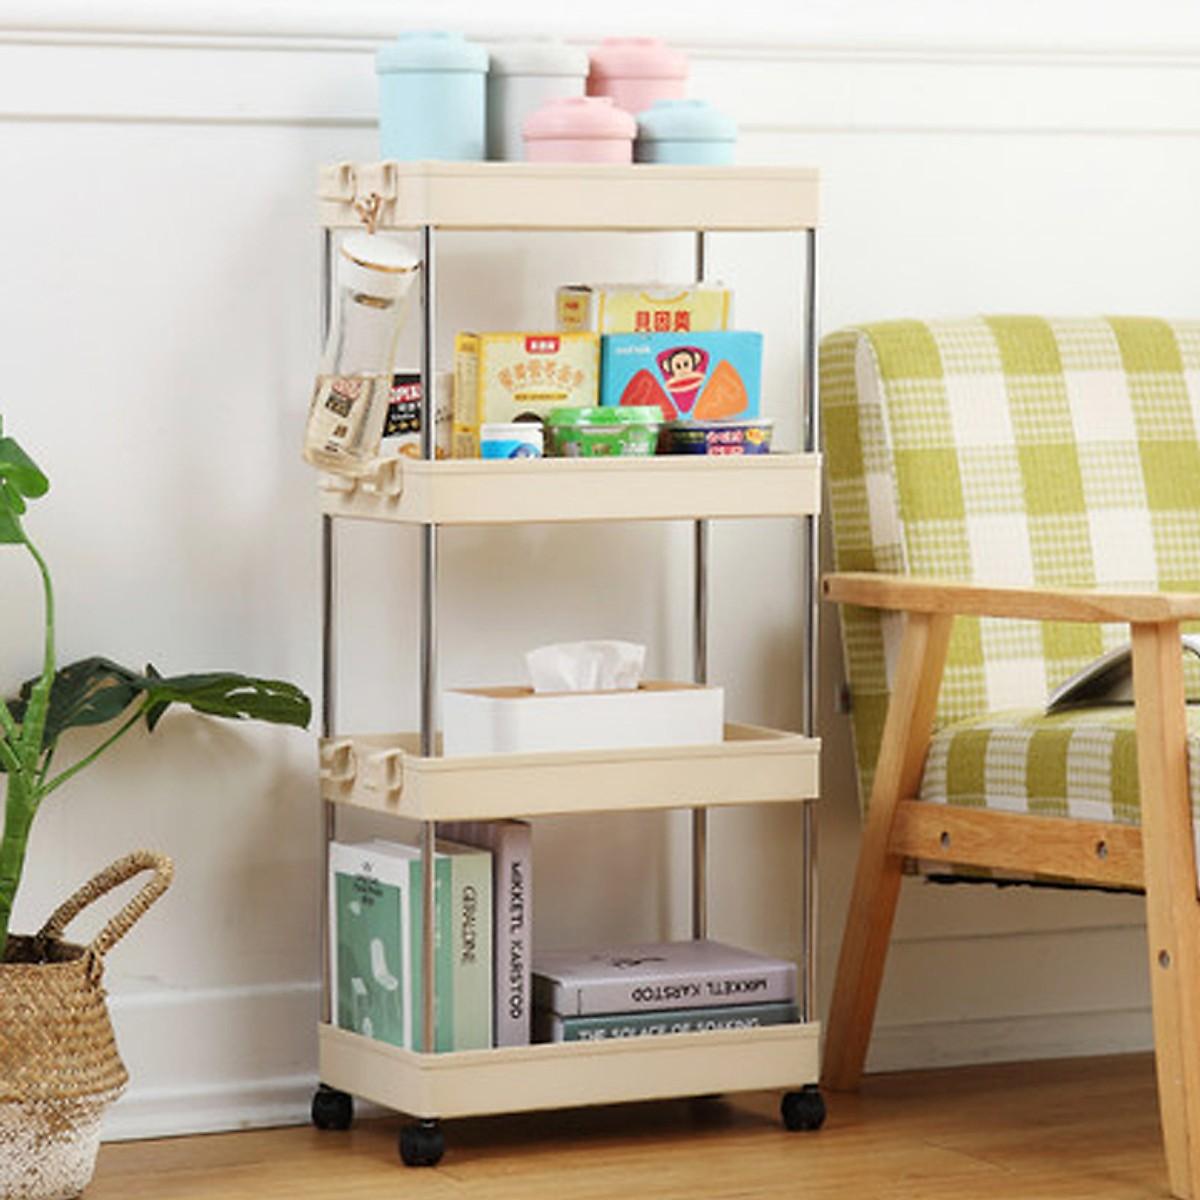 Kệ để đồ dùng nhà tắm đa năng nhiều tầng làm từ nhựa ABS có hình chữ nhật mới nhiều màu, giá để đồ nhà bếp, dụng cụ gia đình tiện ích có bánh xe thiết kế thông dụng nhiều mục đích trong gia đình